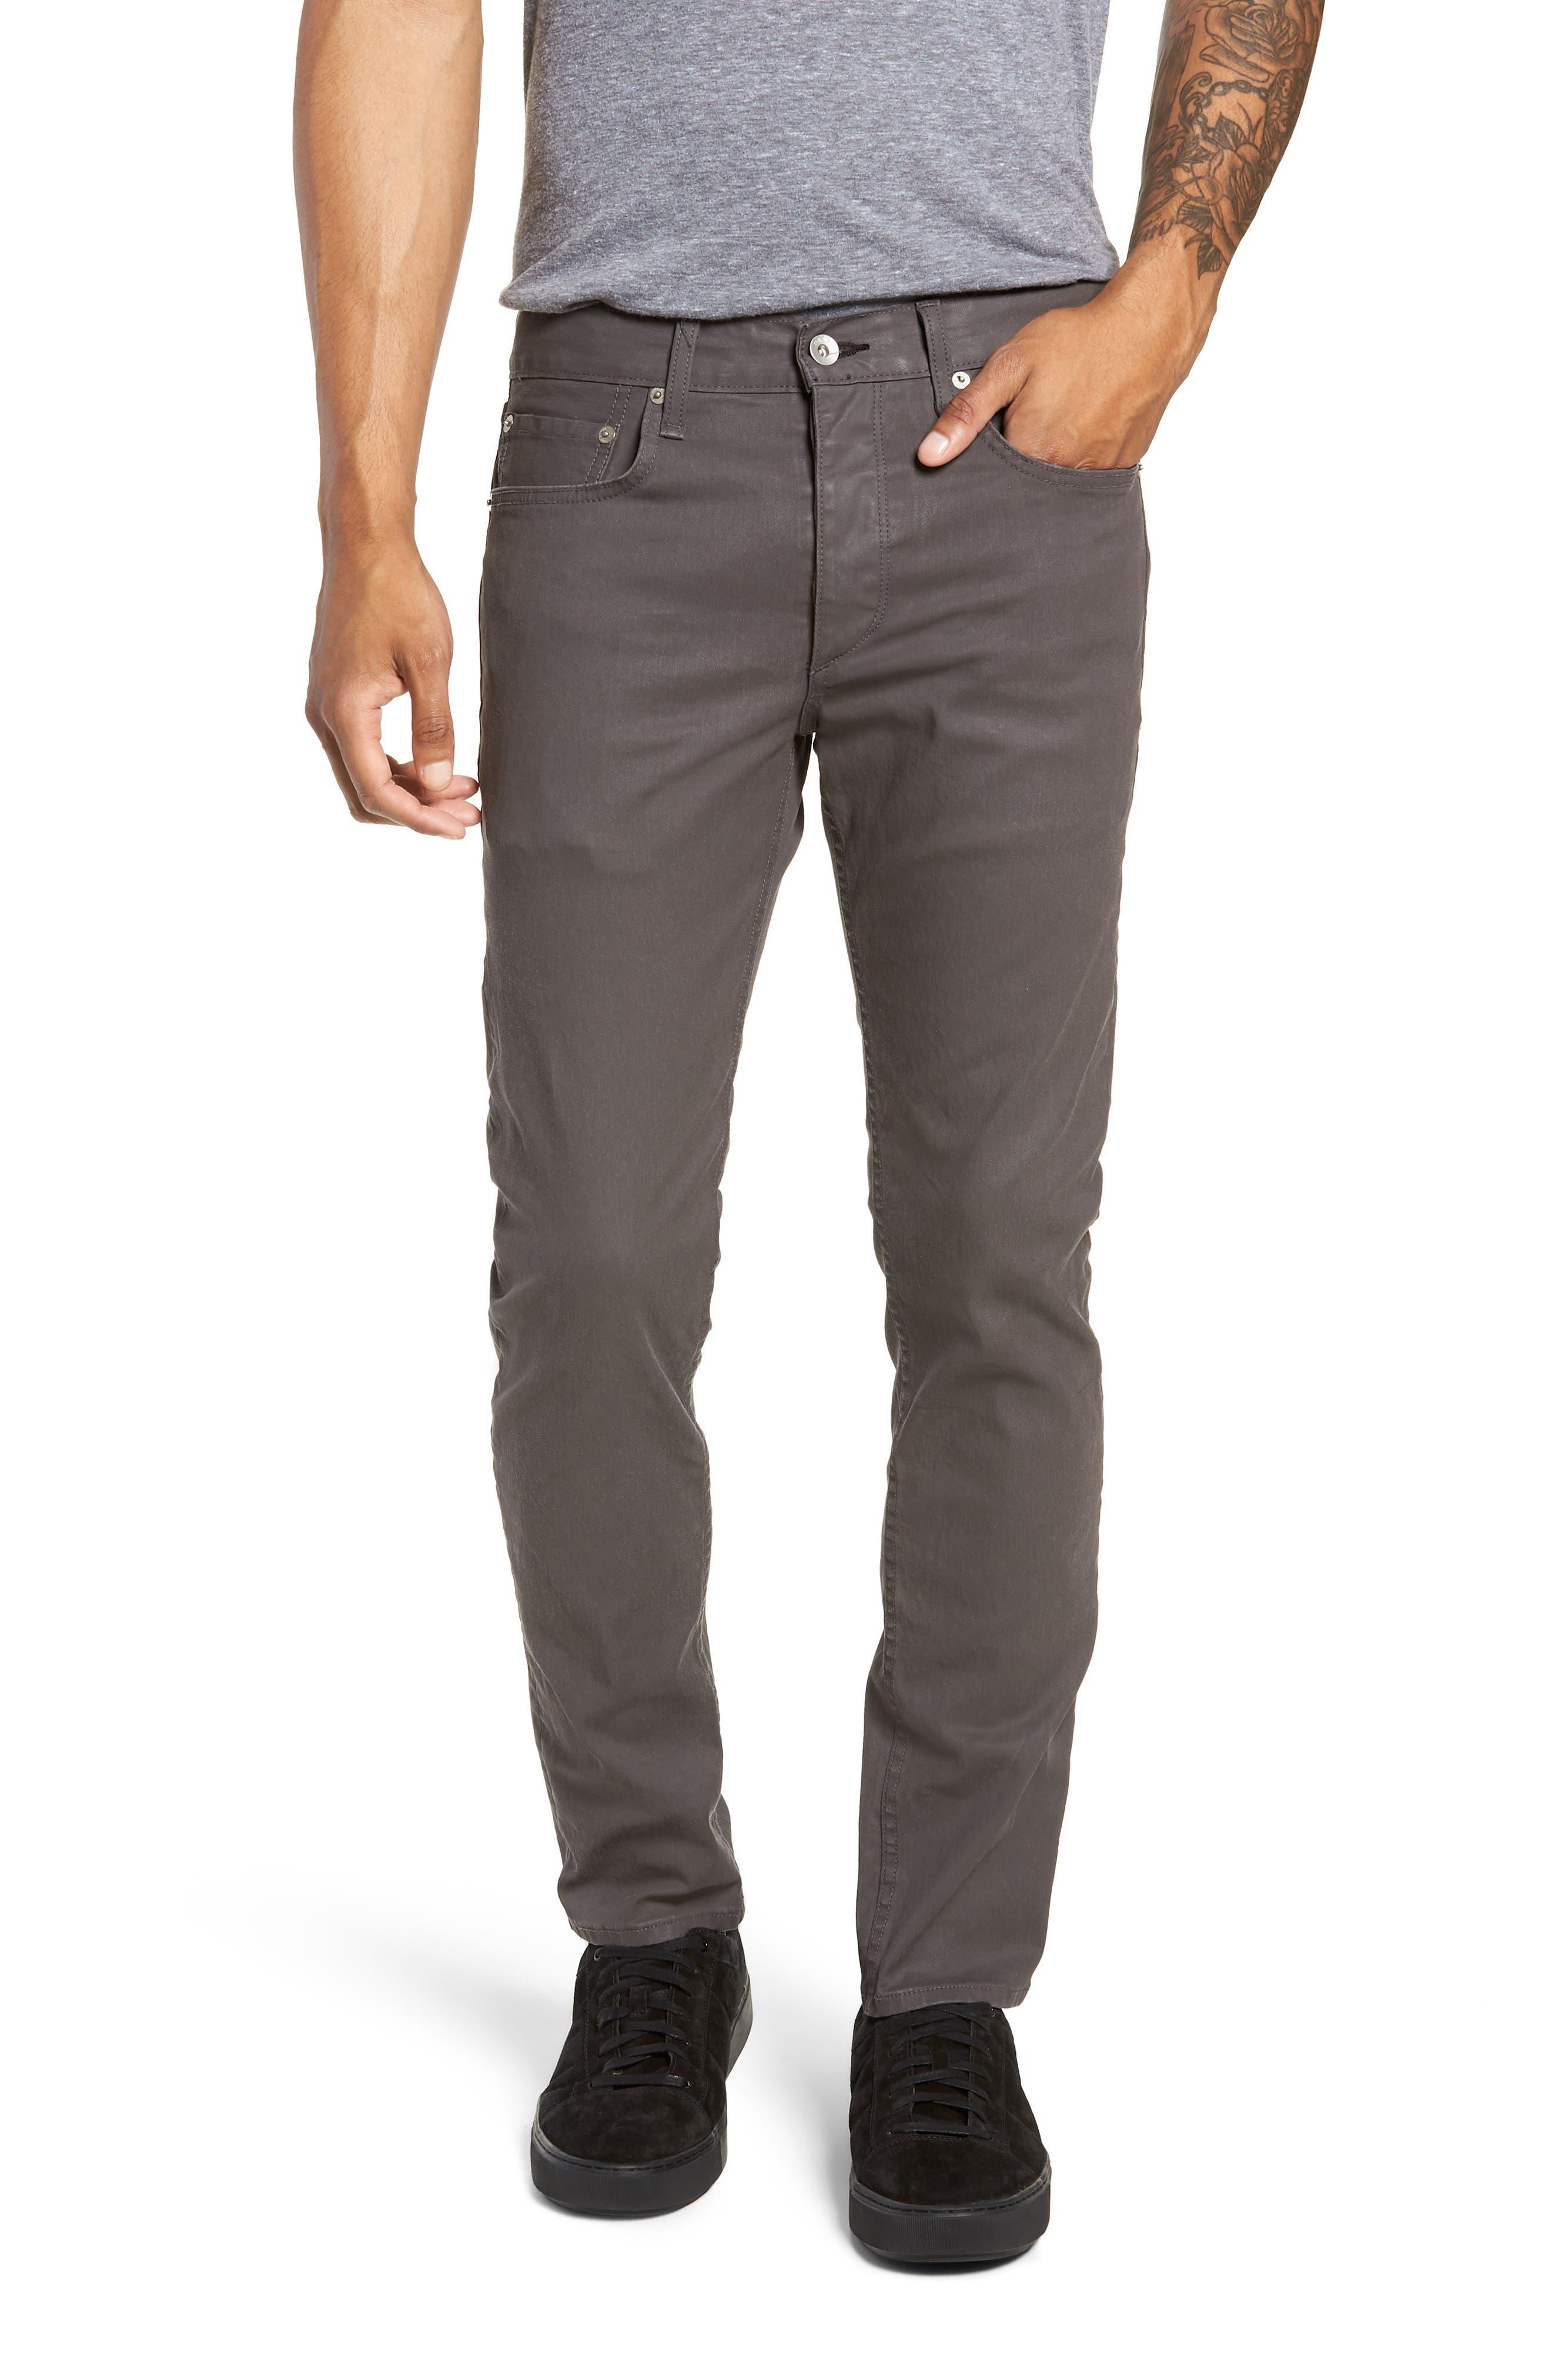 RAG & BONE Fit 2 Slim Fit Pants, Main, color, 020